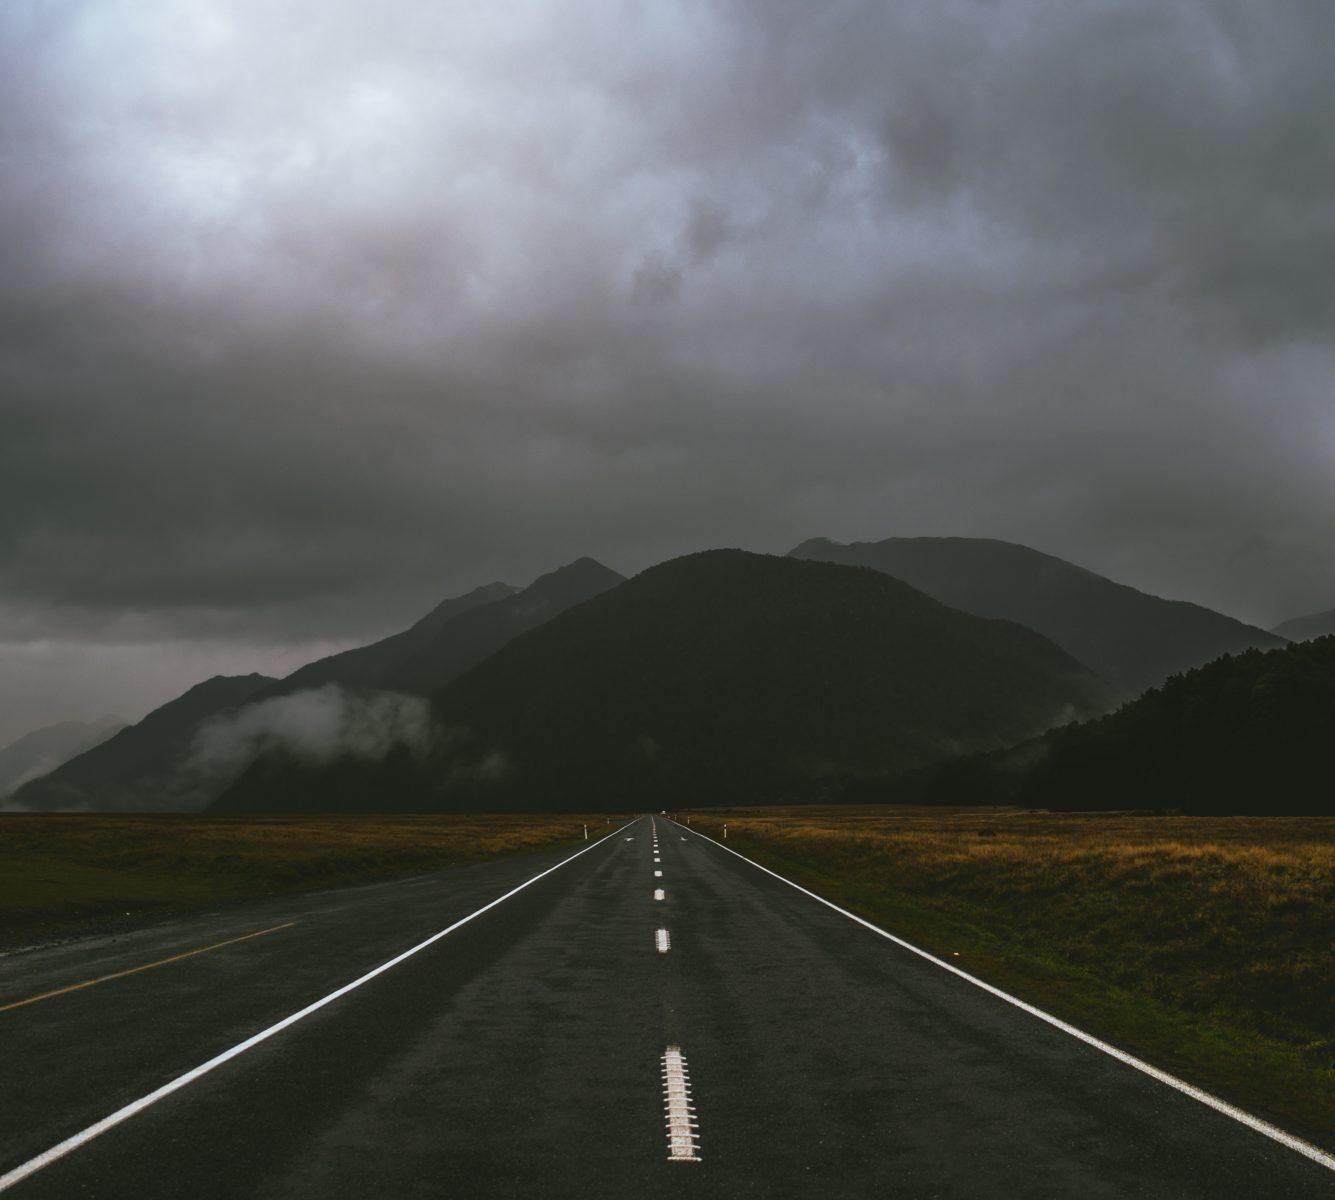 雲がある道